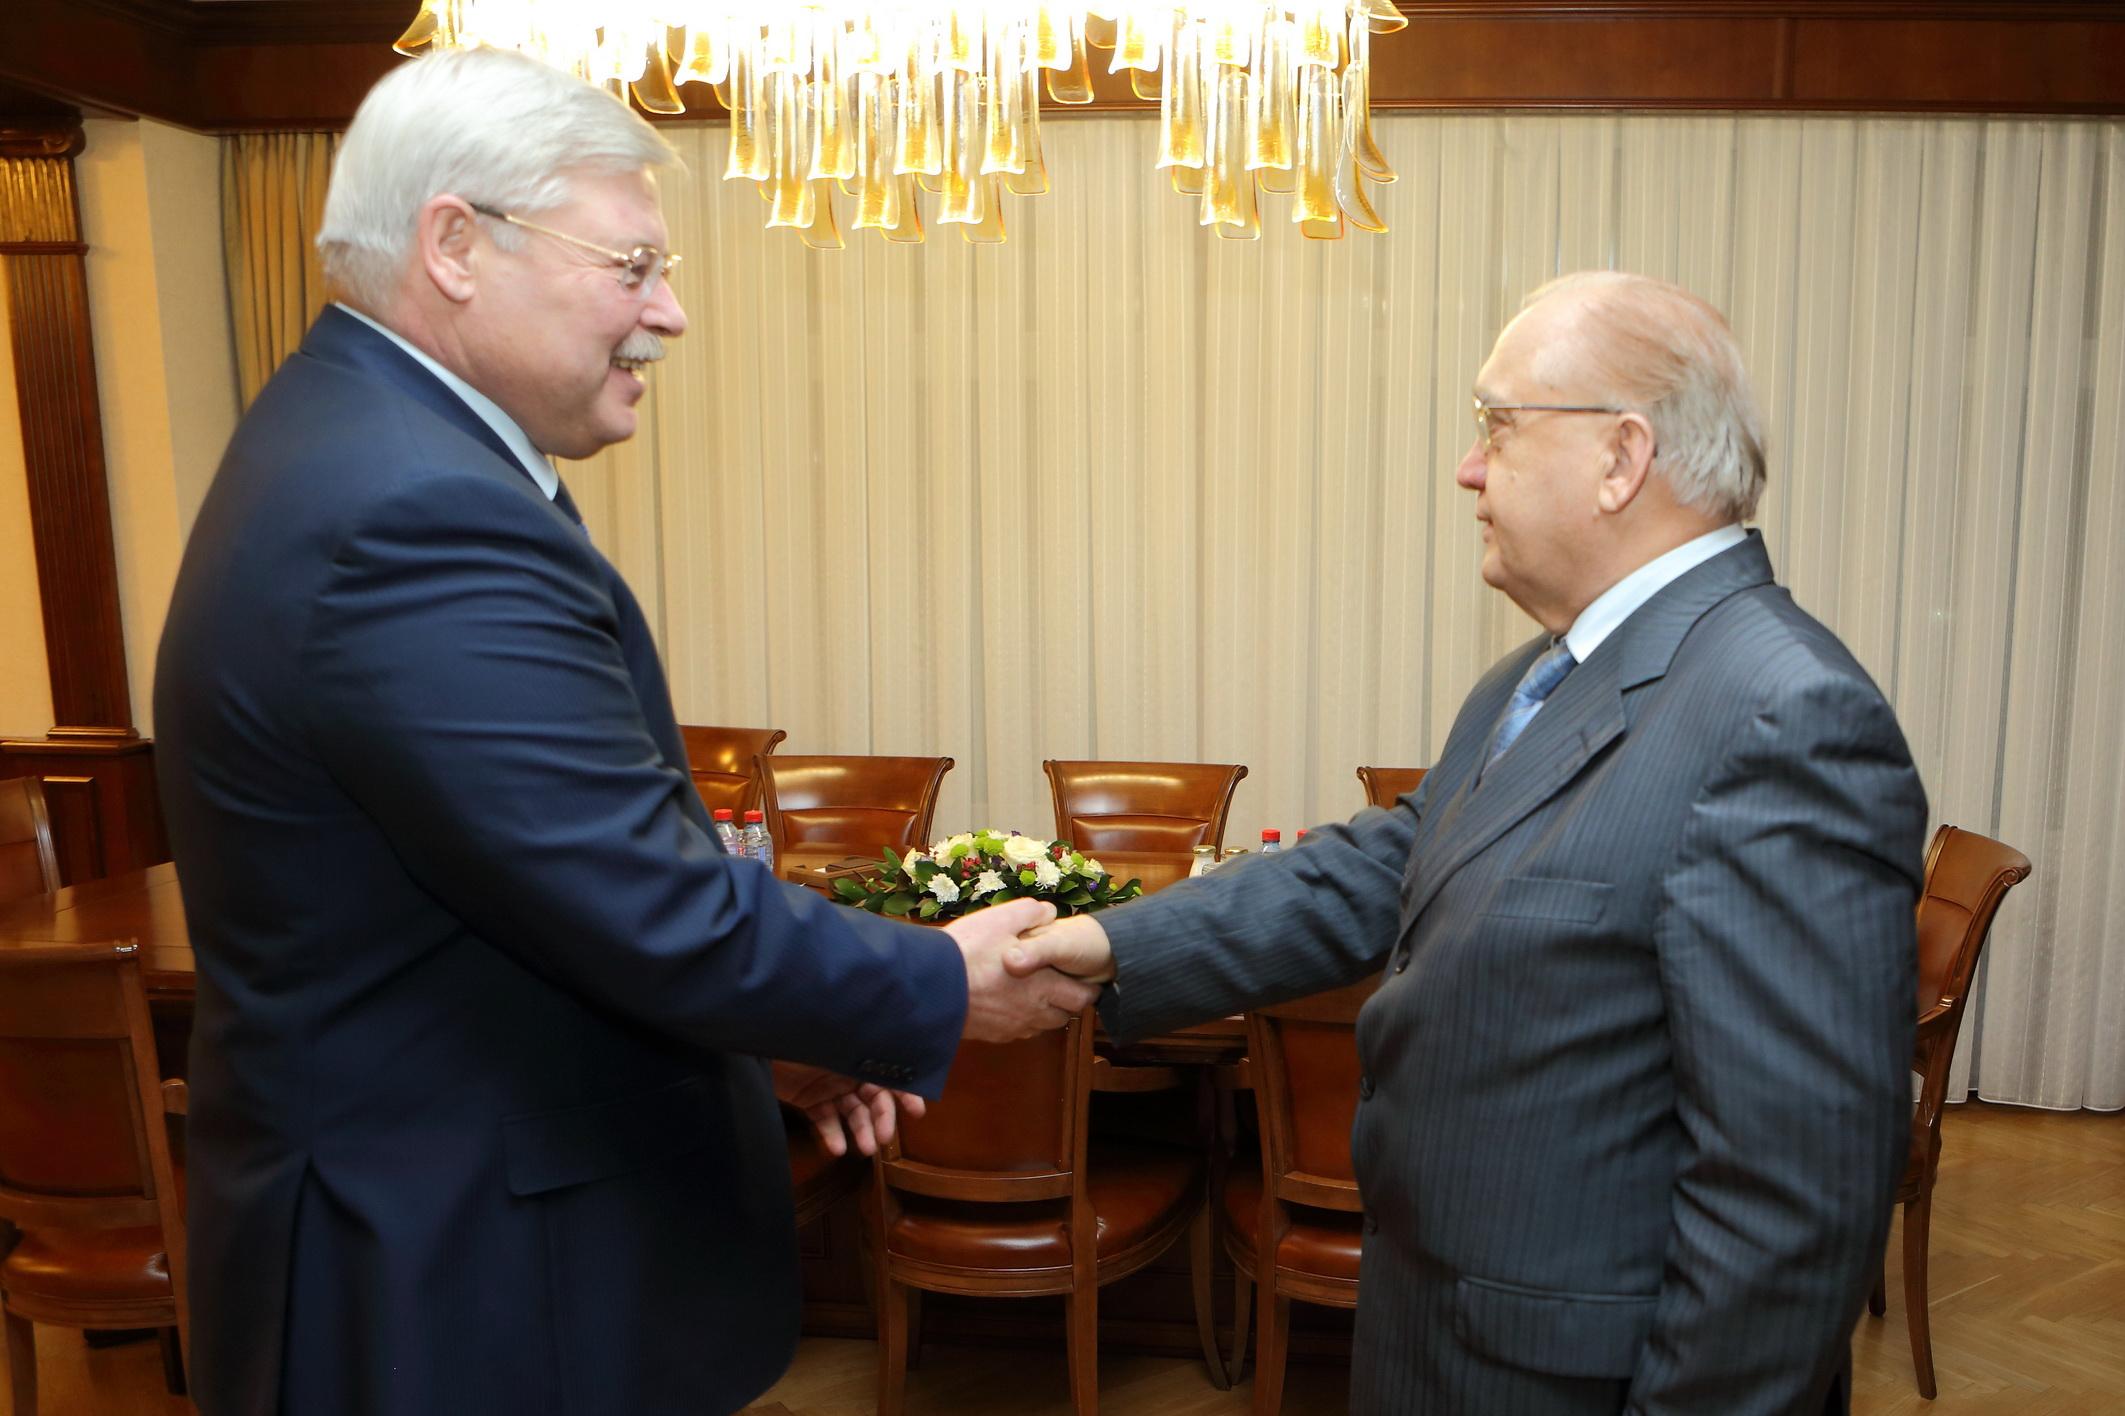 Губернатор Сергей Жвачкин выделил 35 миллионов рублей на капитальный ремонт школы в Томске